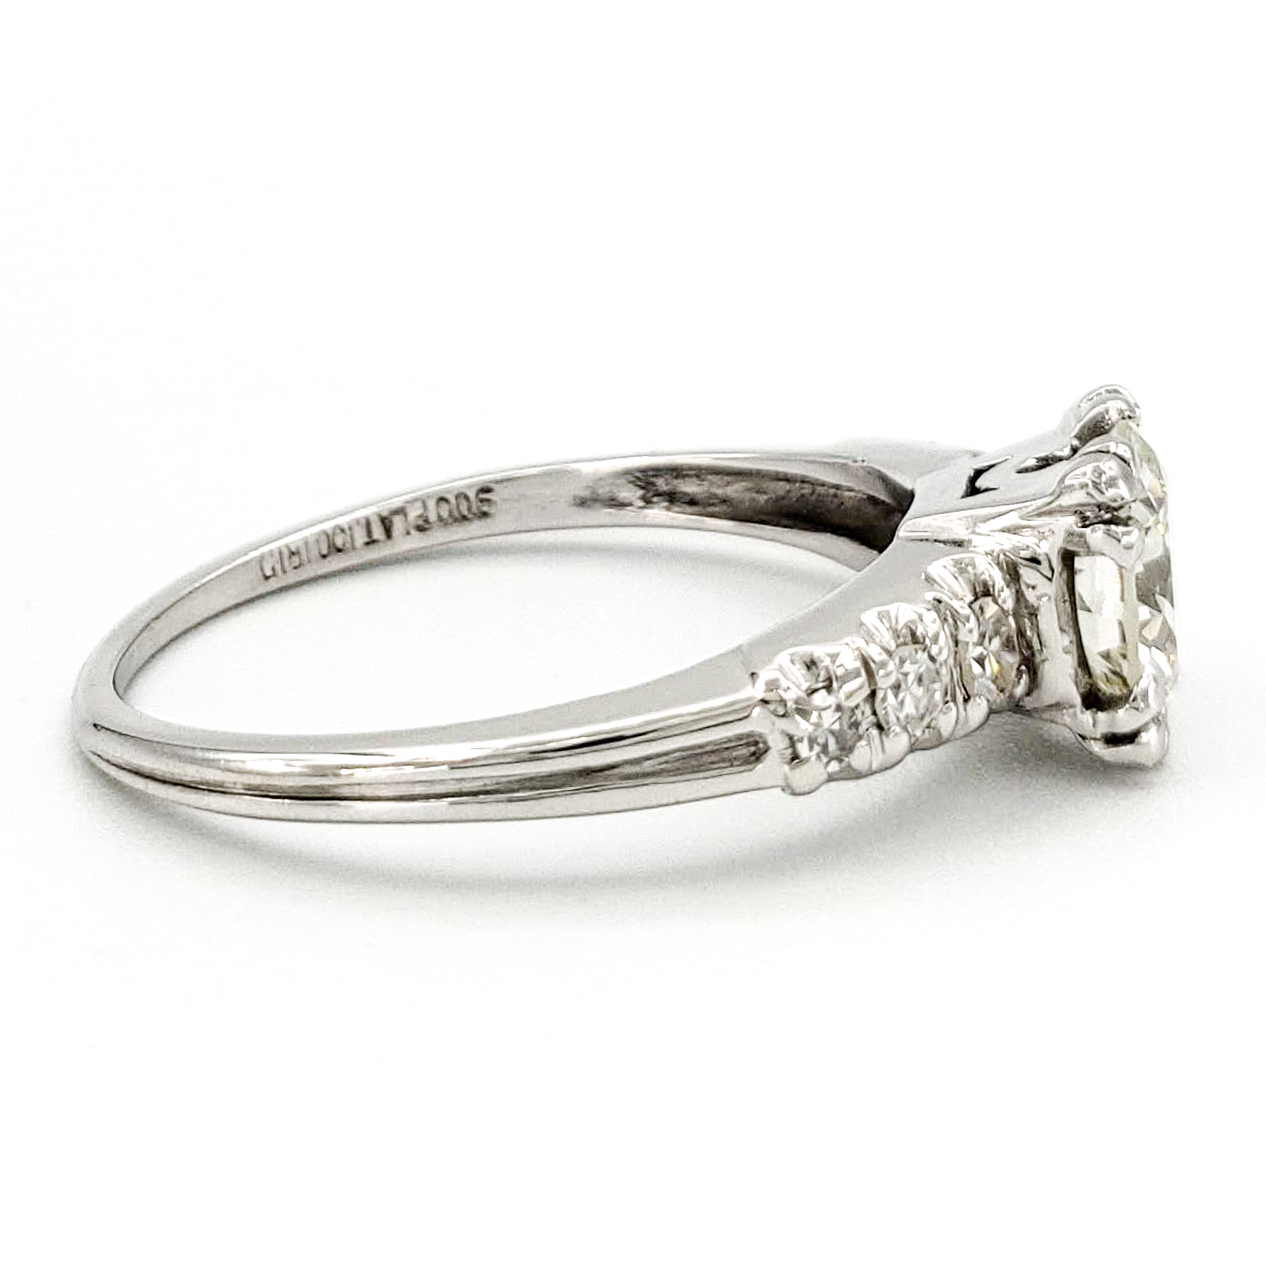 vintage-platinum-engagement-ring-with-0-77-carat-round-brilliant-cut-diamond-egl-i-vs2